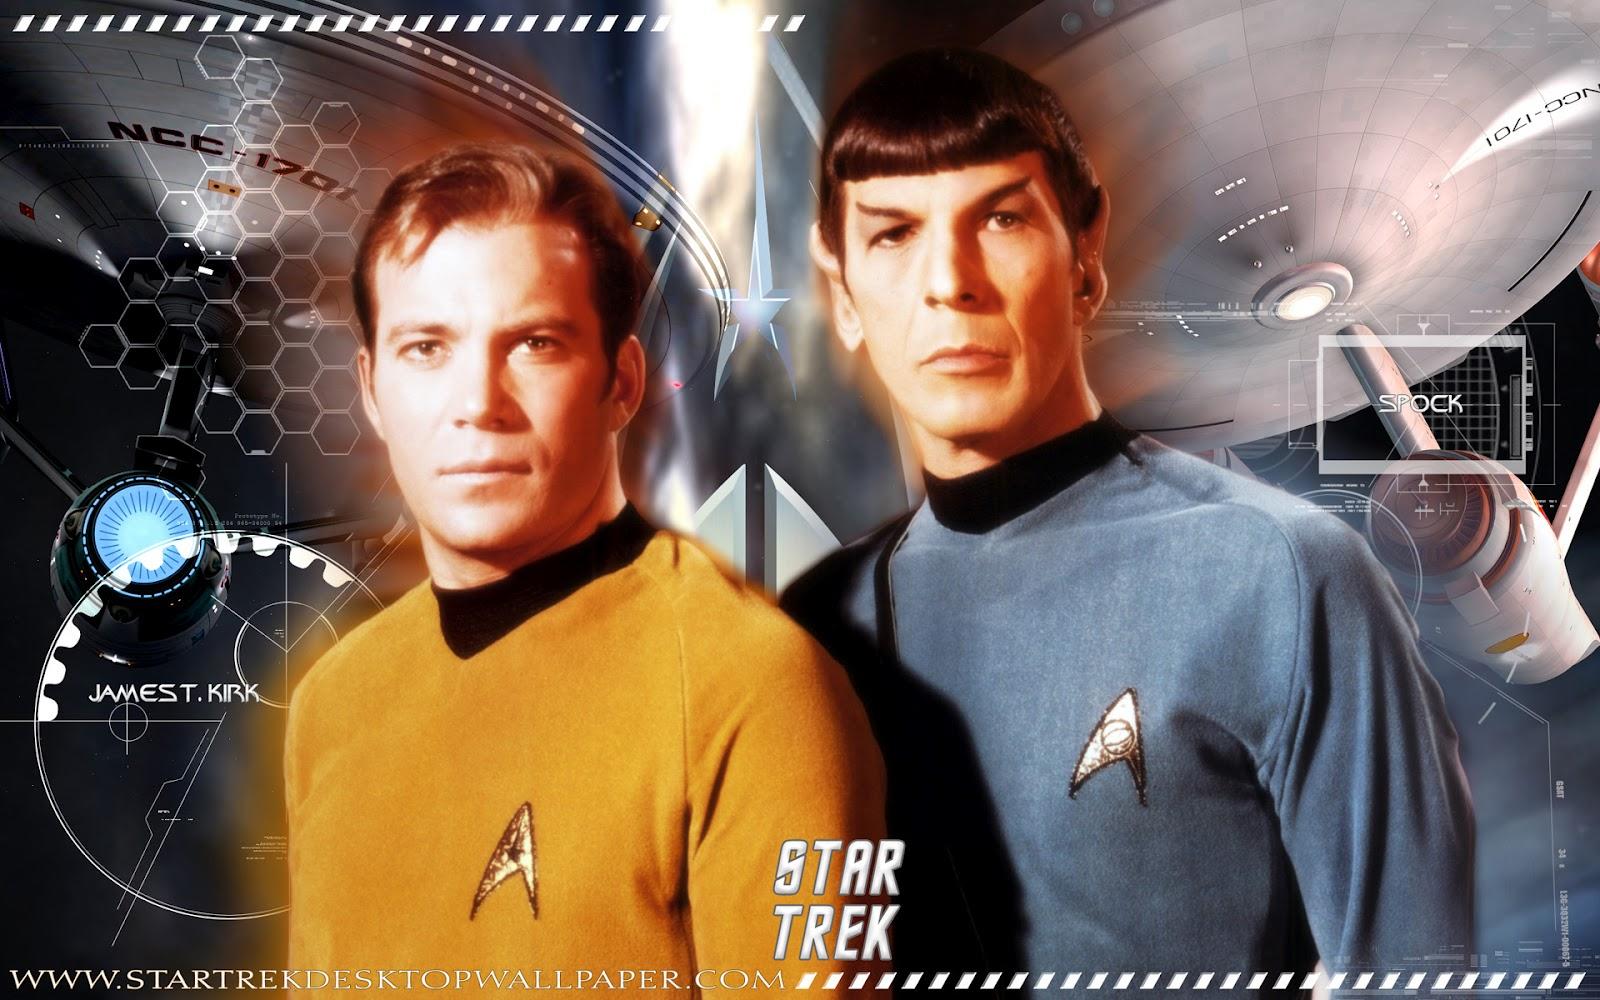 http://1.bp.blogspot.com/-h-EVXi-Wglg/UCS1QIufr1I/AAAAAAAALkY/3NkcK2NtS-c/s1600/kirk-and-spock.jpg